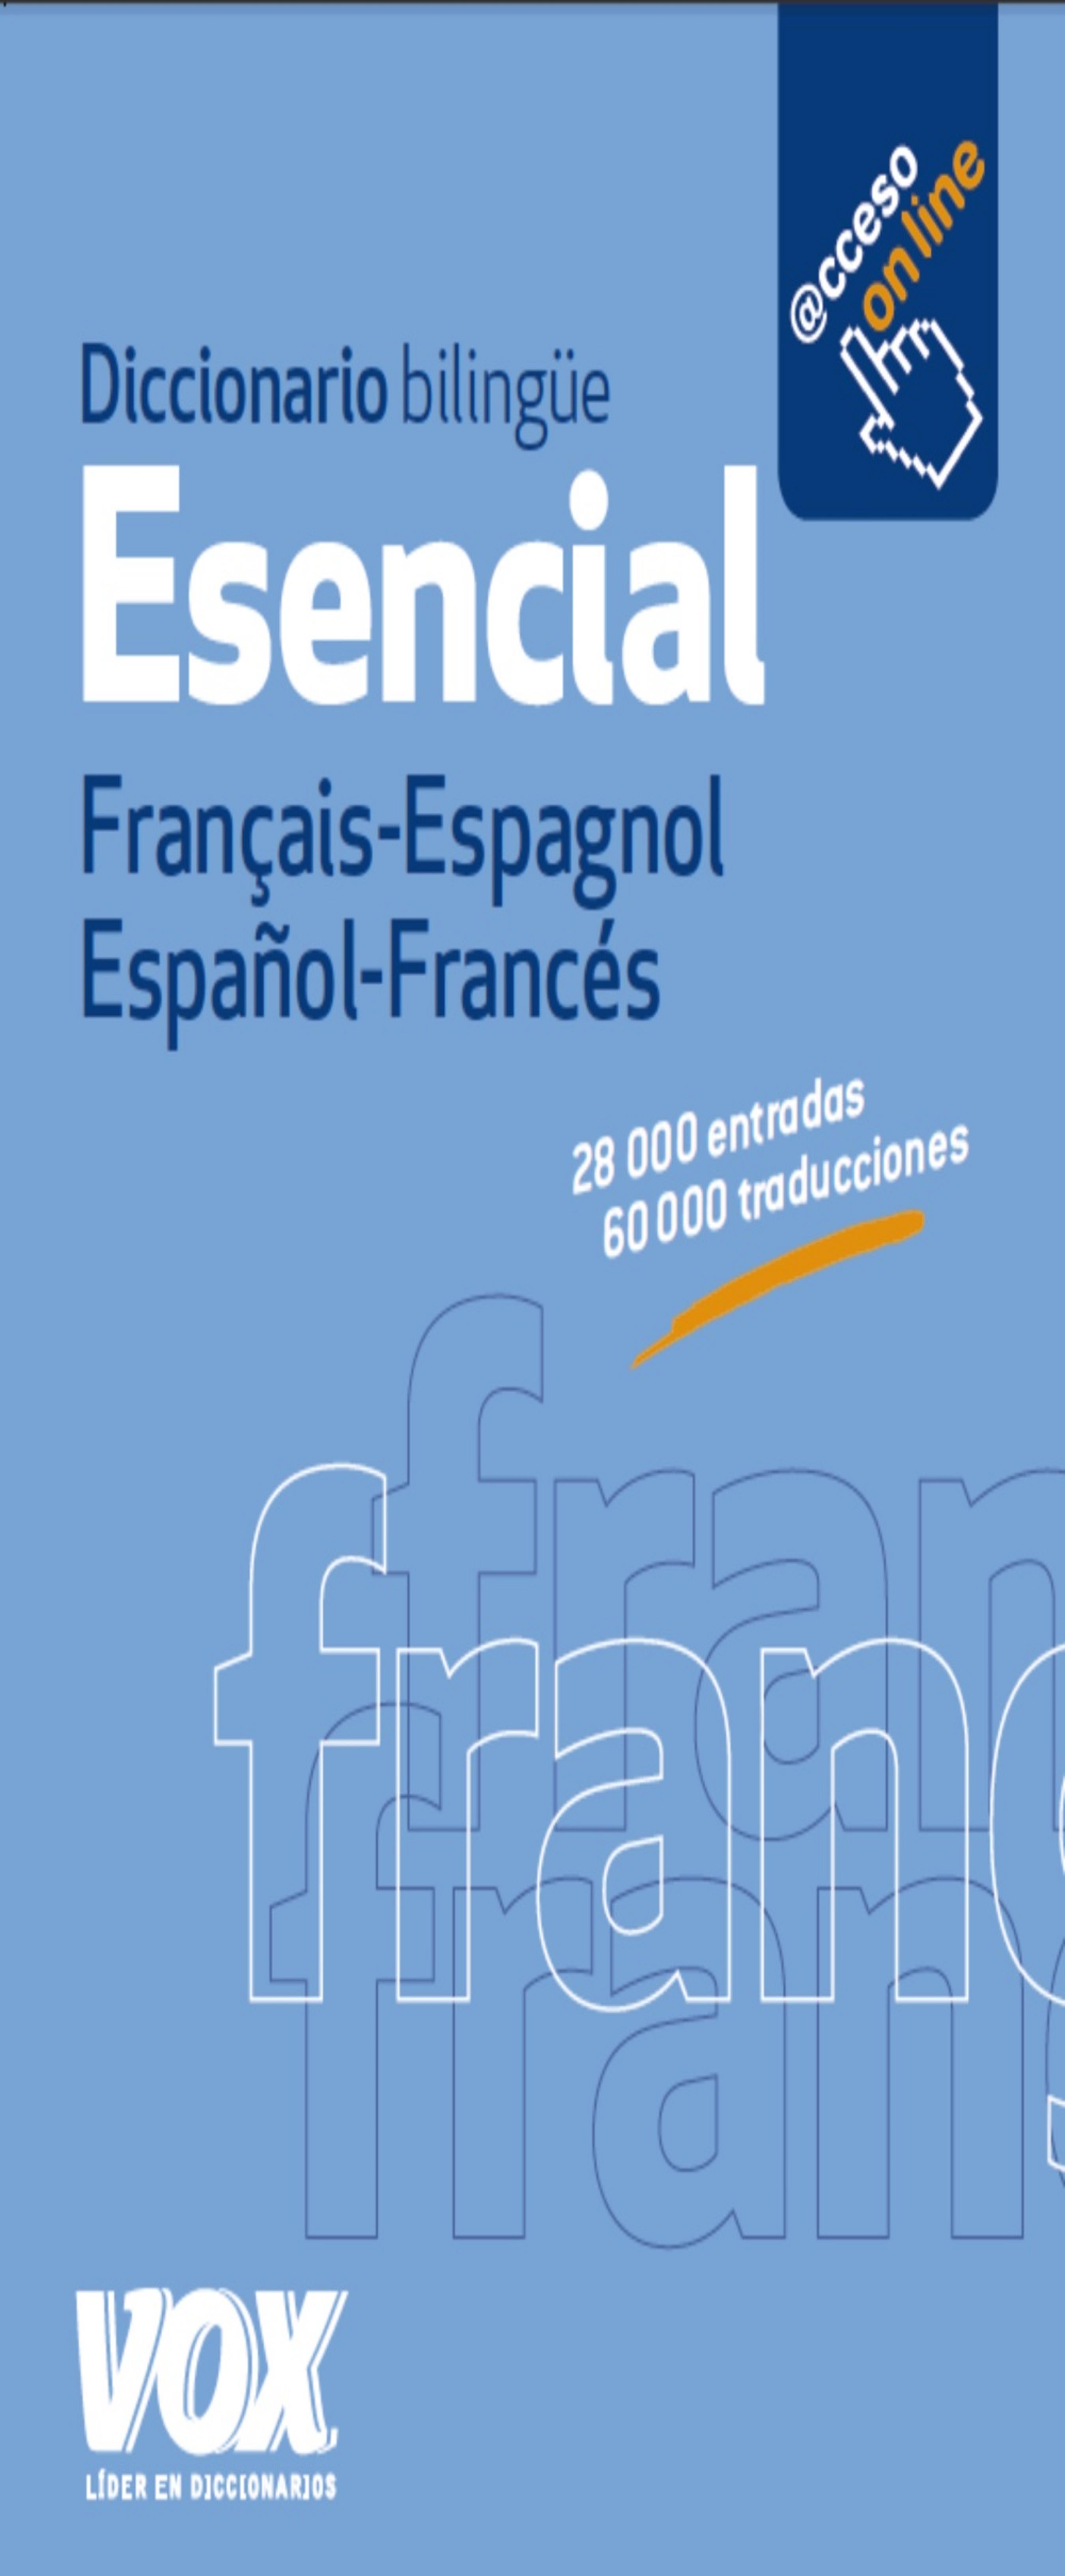 DICC  Vox  ESENCIAL  Francés - Español / Español - Francés